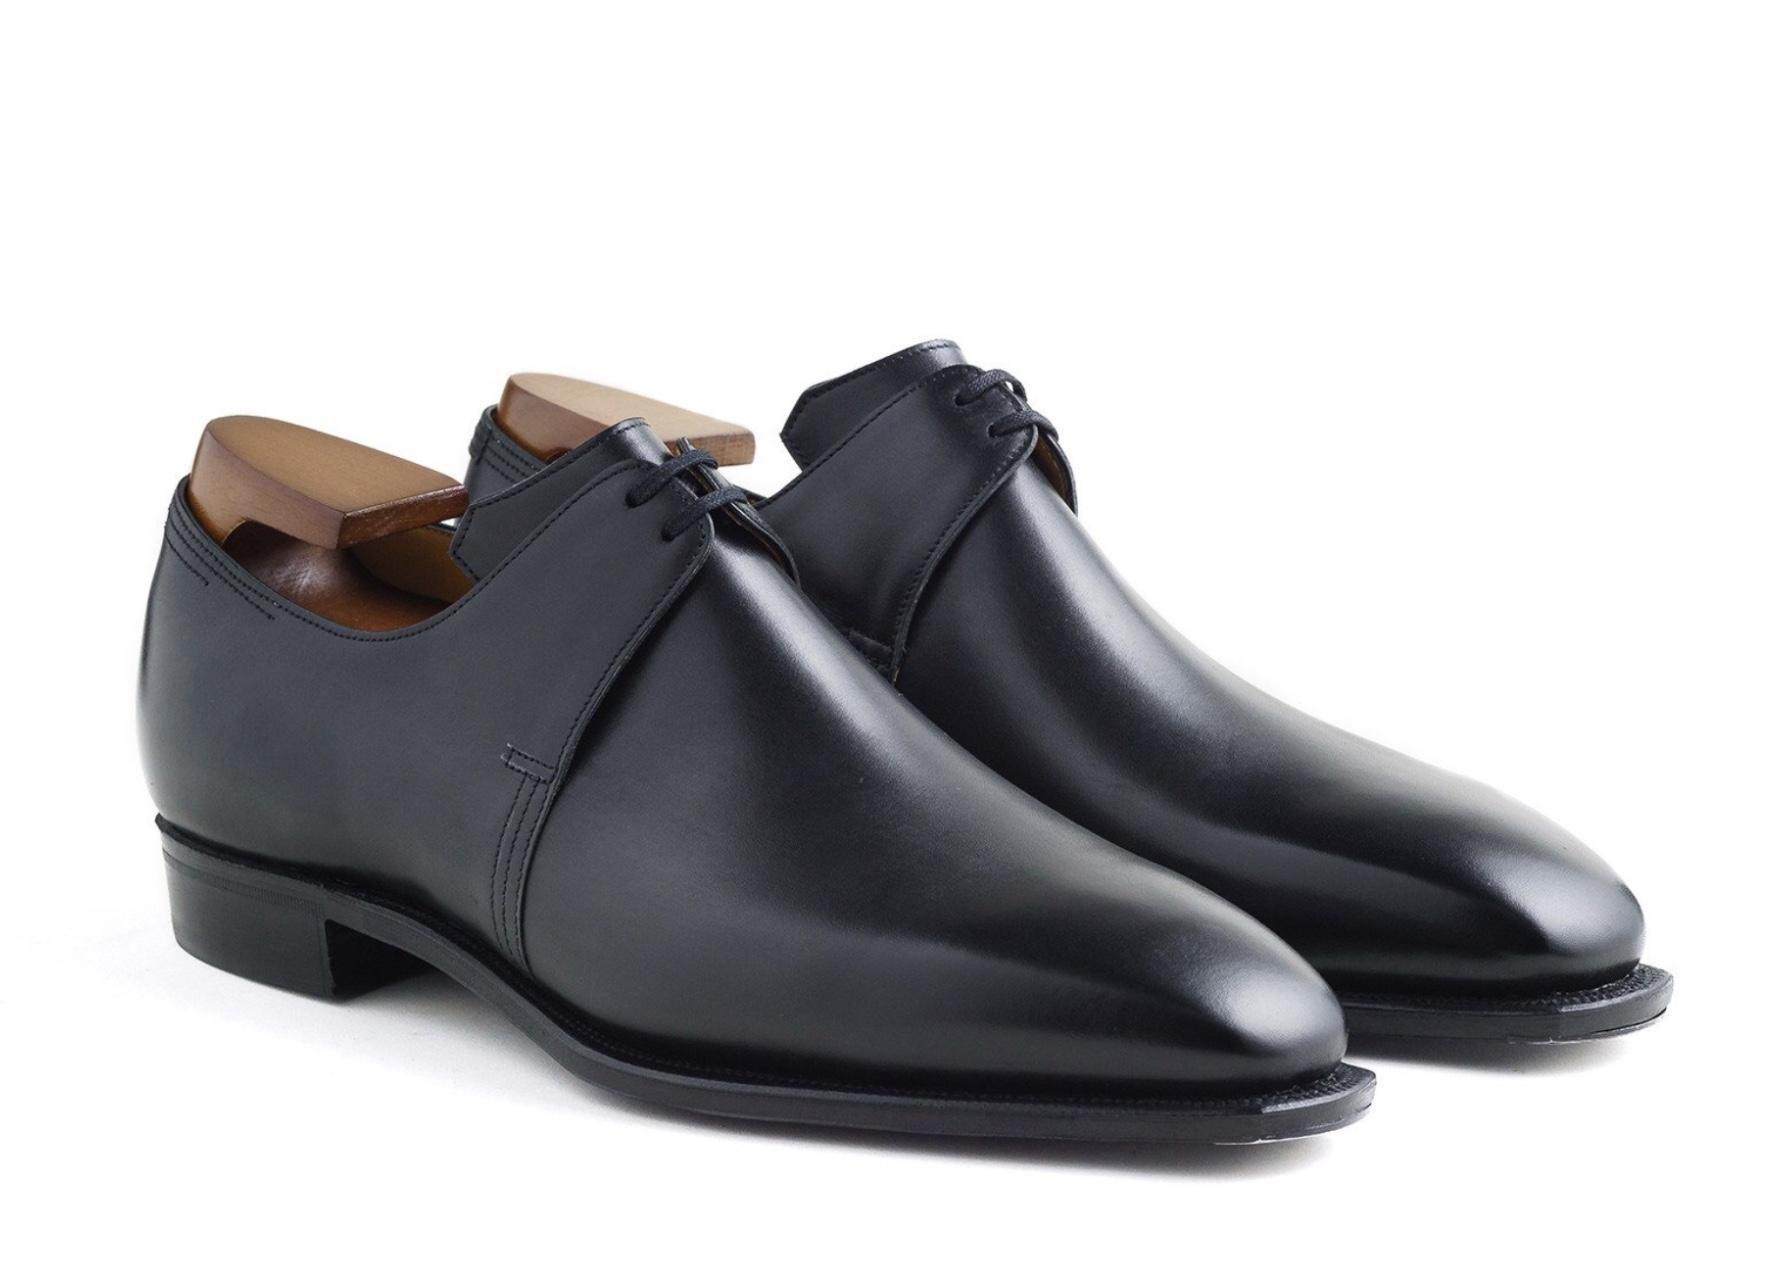 Corthay arca derby dress shoes Black calf